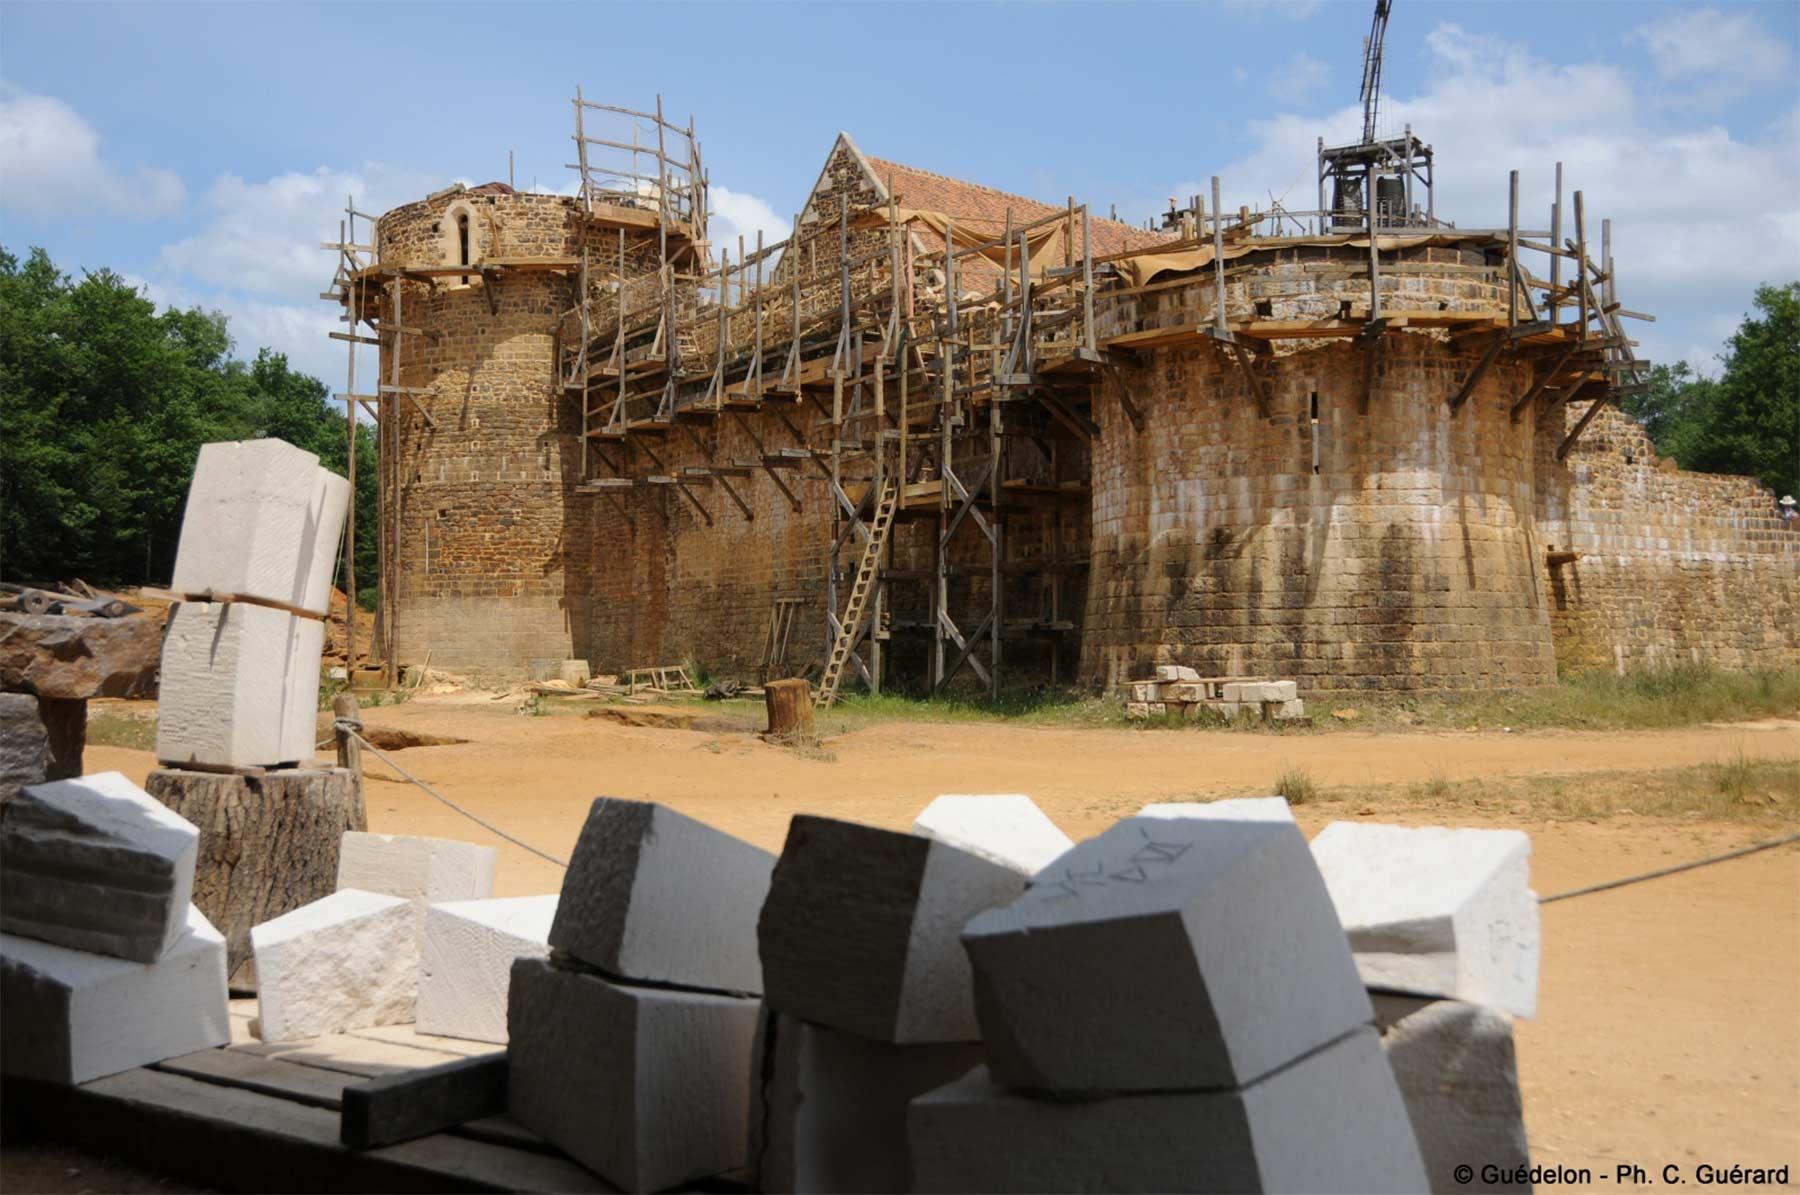 Diese Burg wird seit 20 Jahren mit mittelalterlichen Mitteln erbaut schloss-Guedelon_05